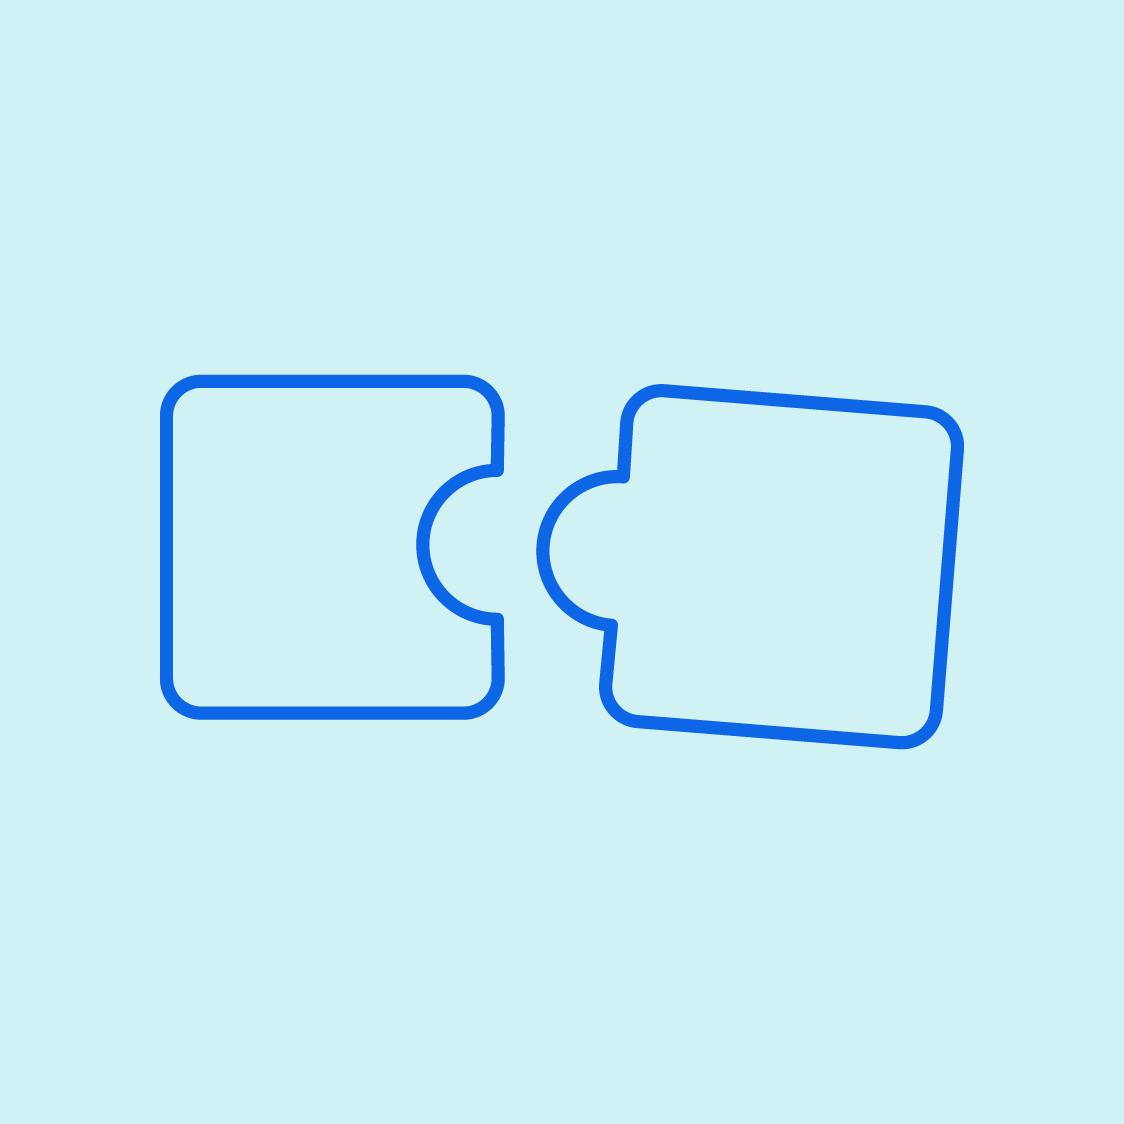 Script Connector